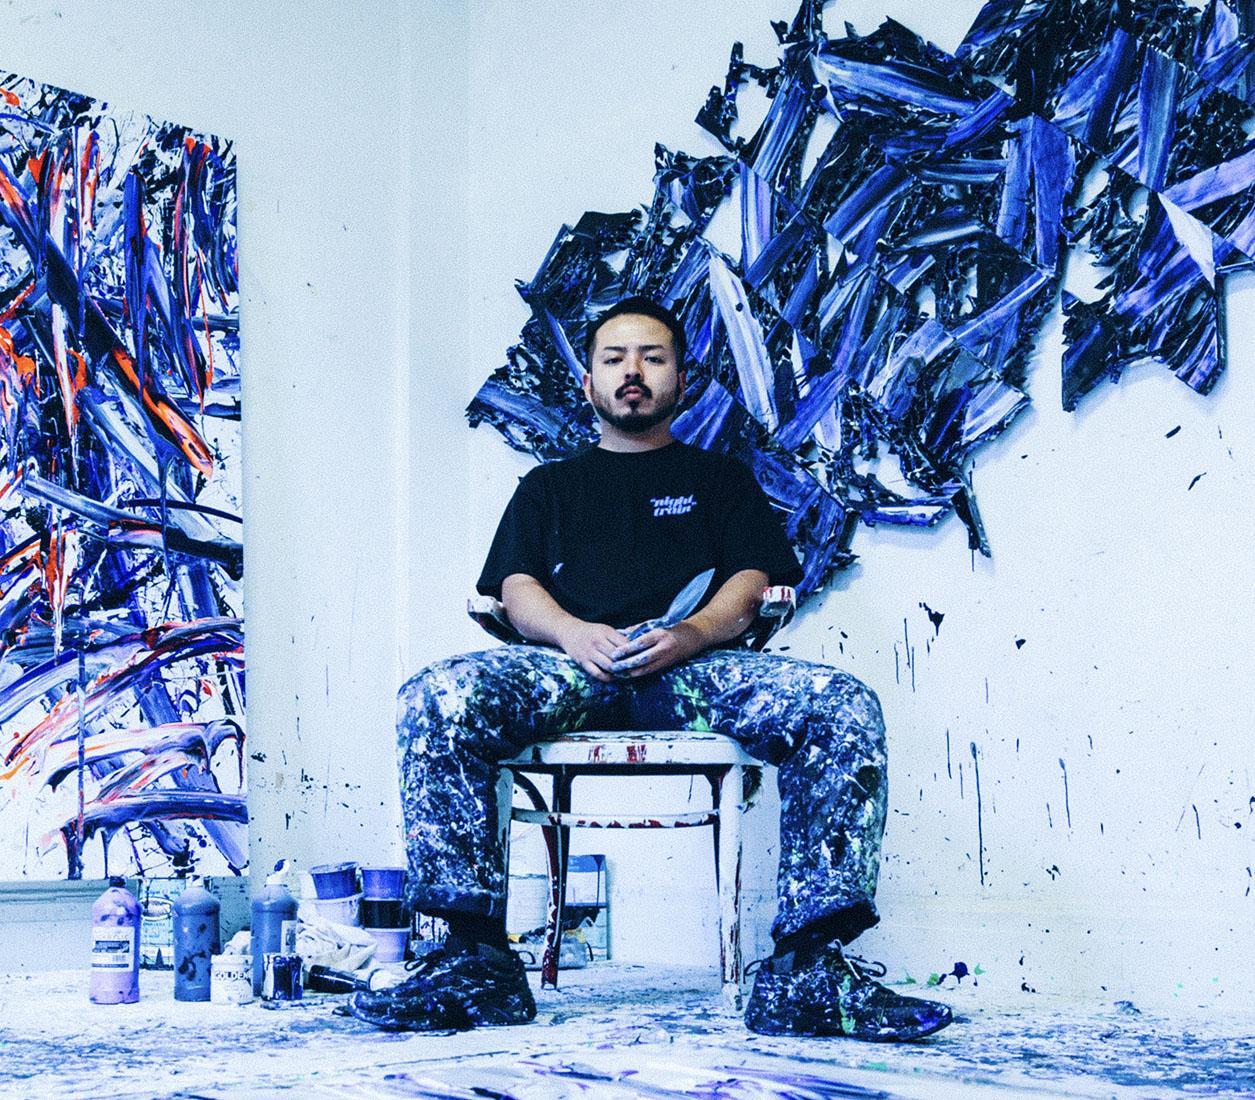 「Meguru Yamaguchi -HIGHER SELF-」西武渋谷店にて国際的に注目される現代アーティストの展覧会を開催。